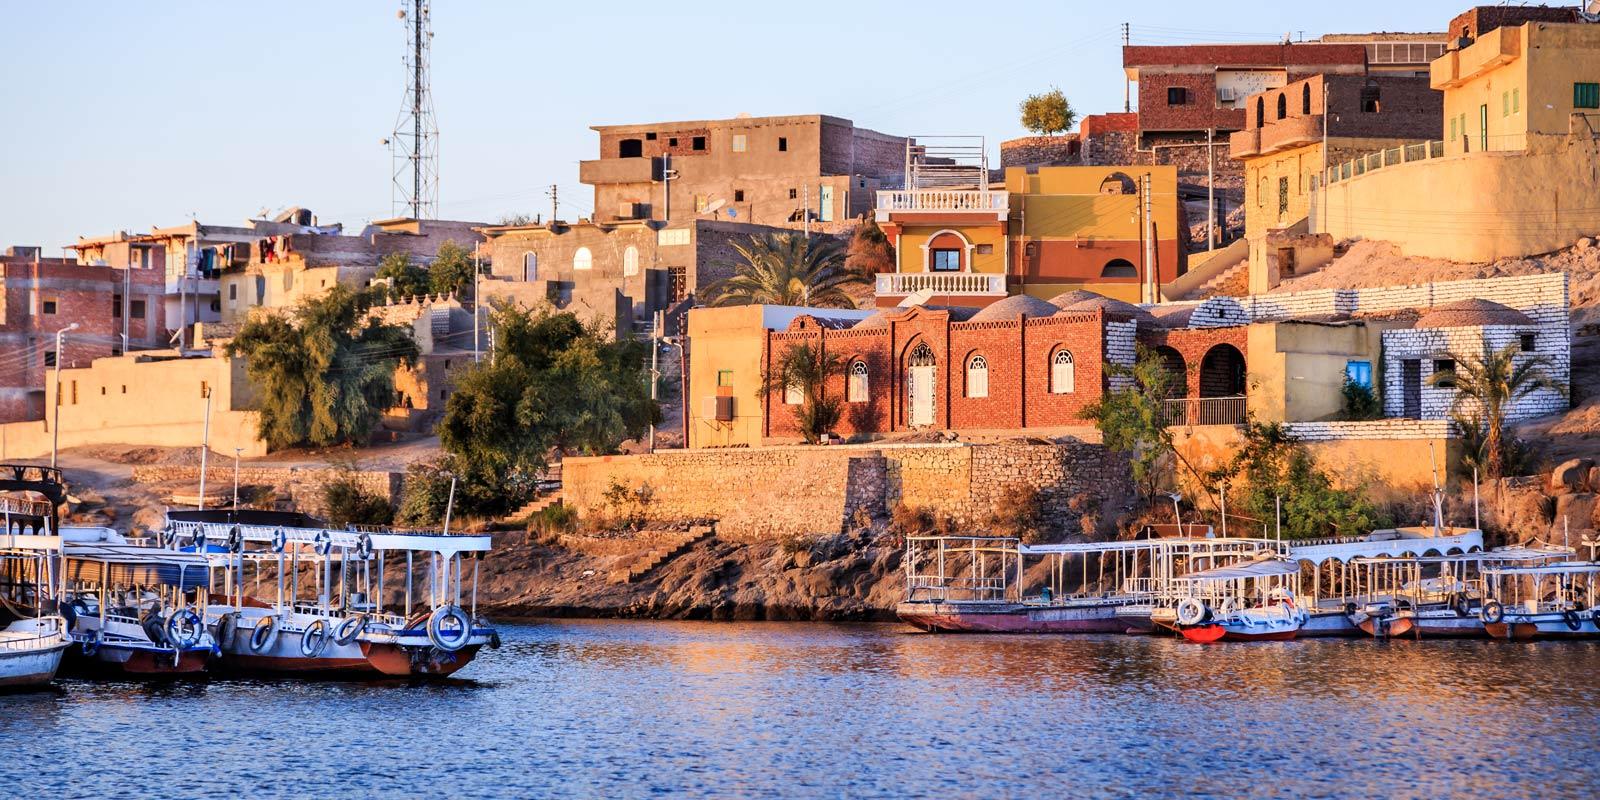 Staden Aswan i Egypten, sett från Nilen.